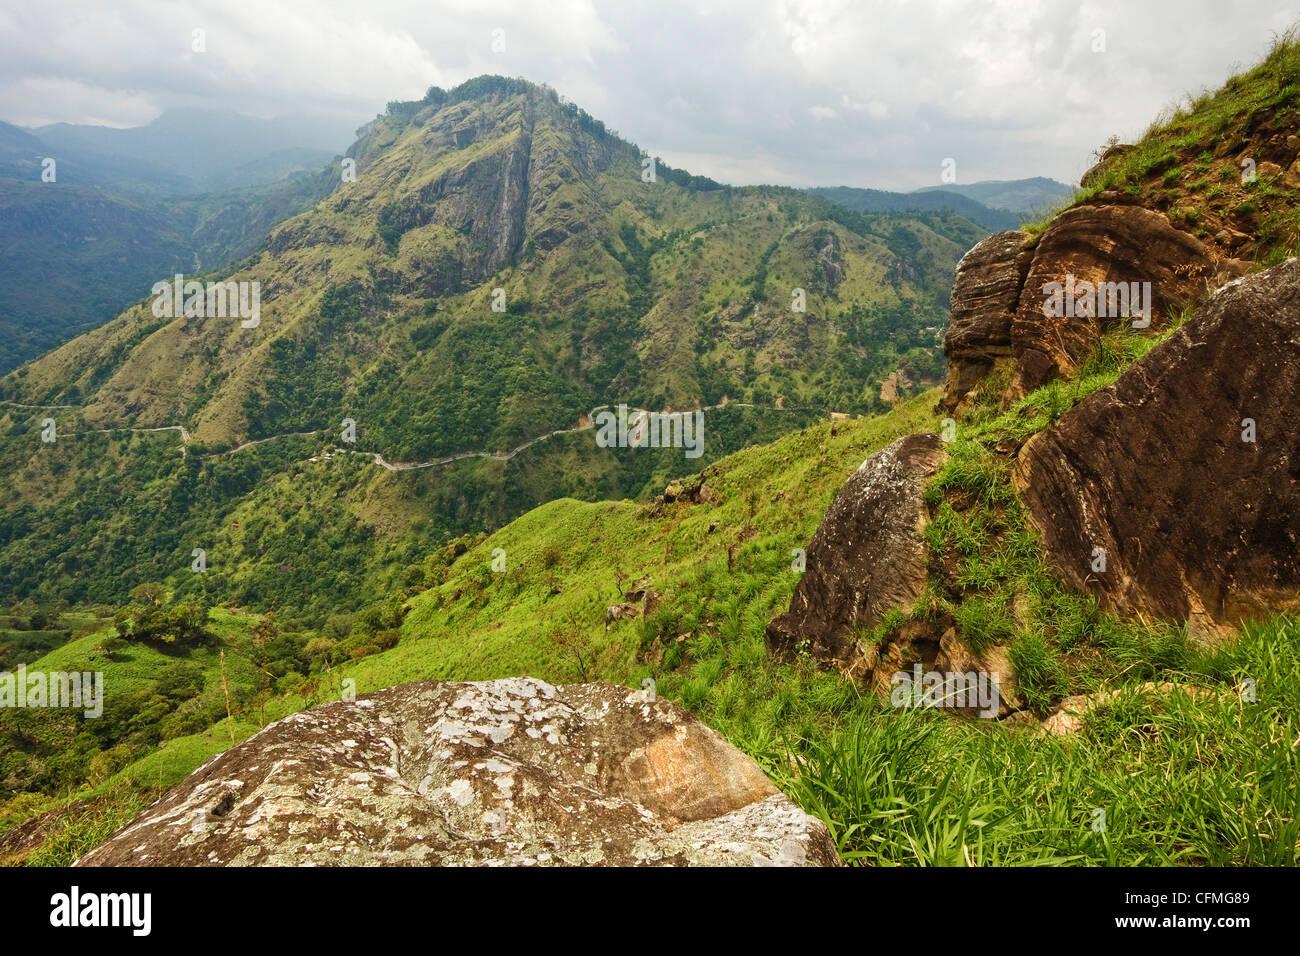 Vue depuis le pic d'Adam peu, Ella, hauts plateaux du centre, le Sri Lanka, l'Asie Photo Stock